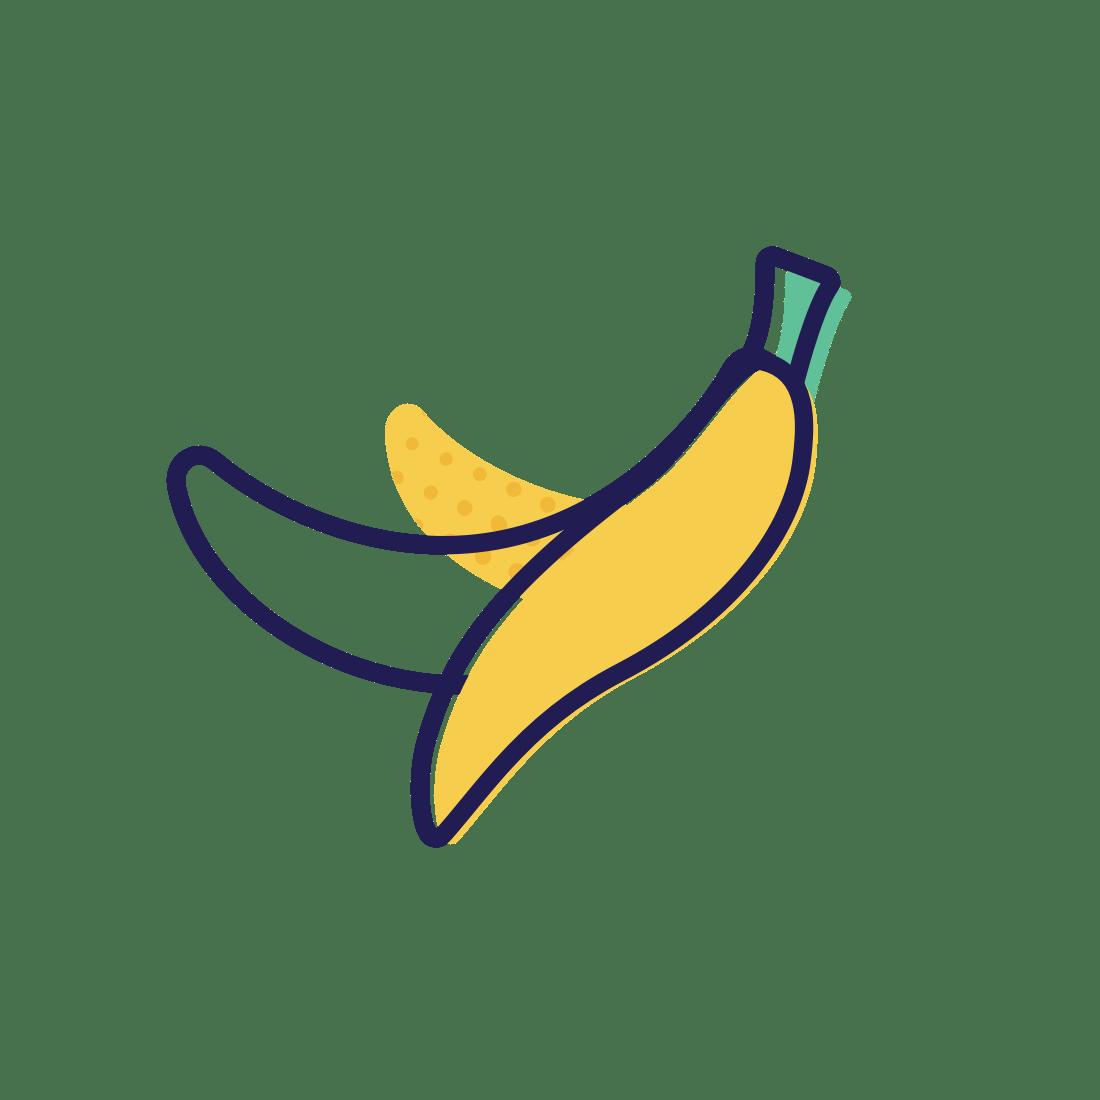 medium resolution of banana